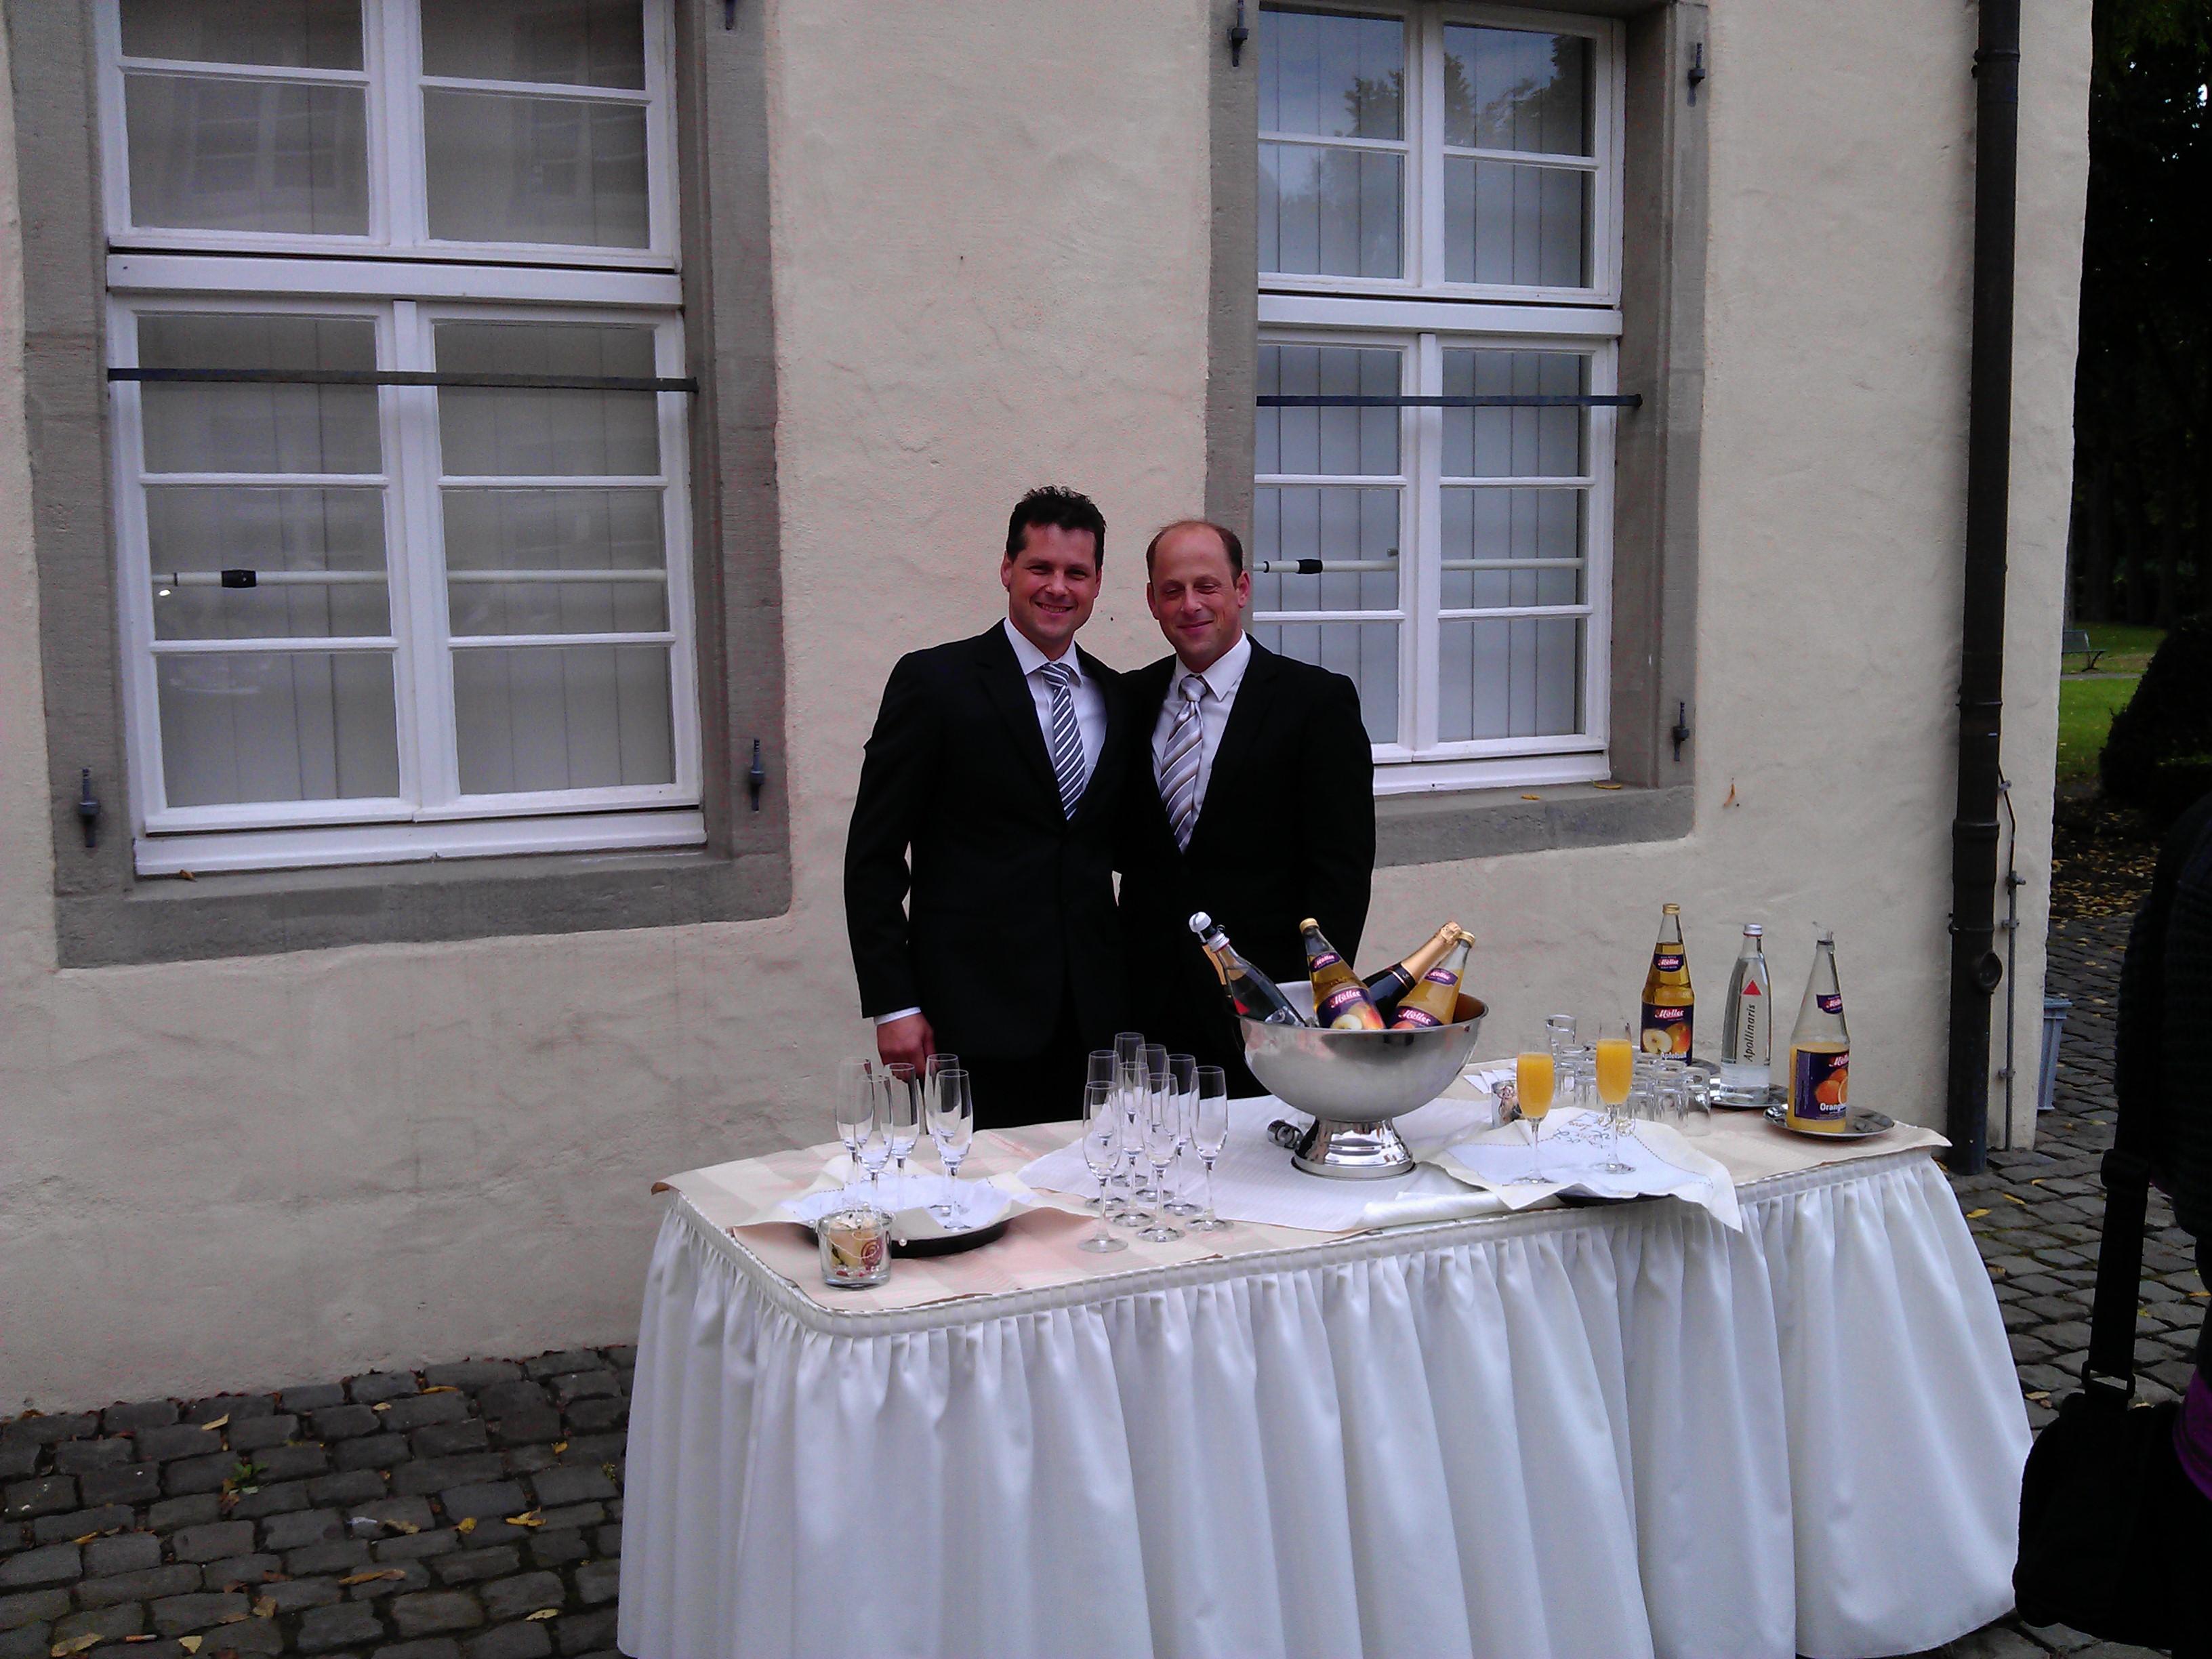 Sektempfang Schloss Martfeld Schwelm -10 | ©ihrehochzeitstauben